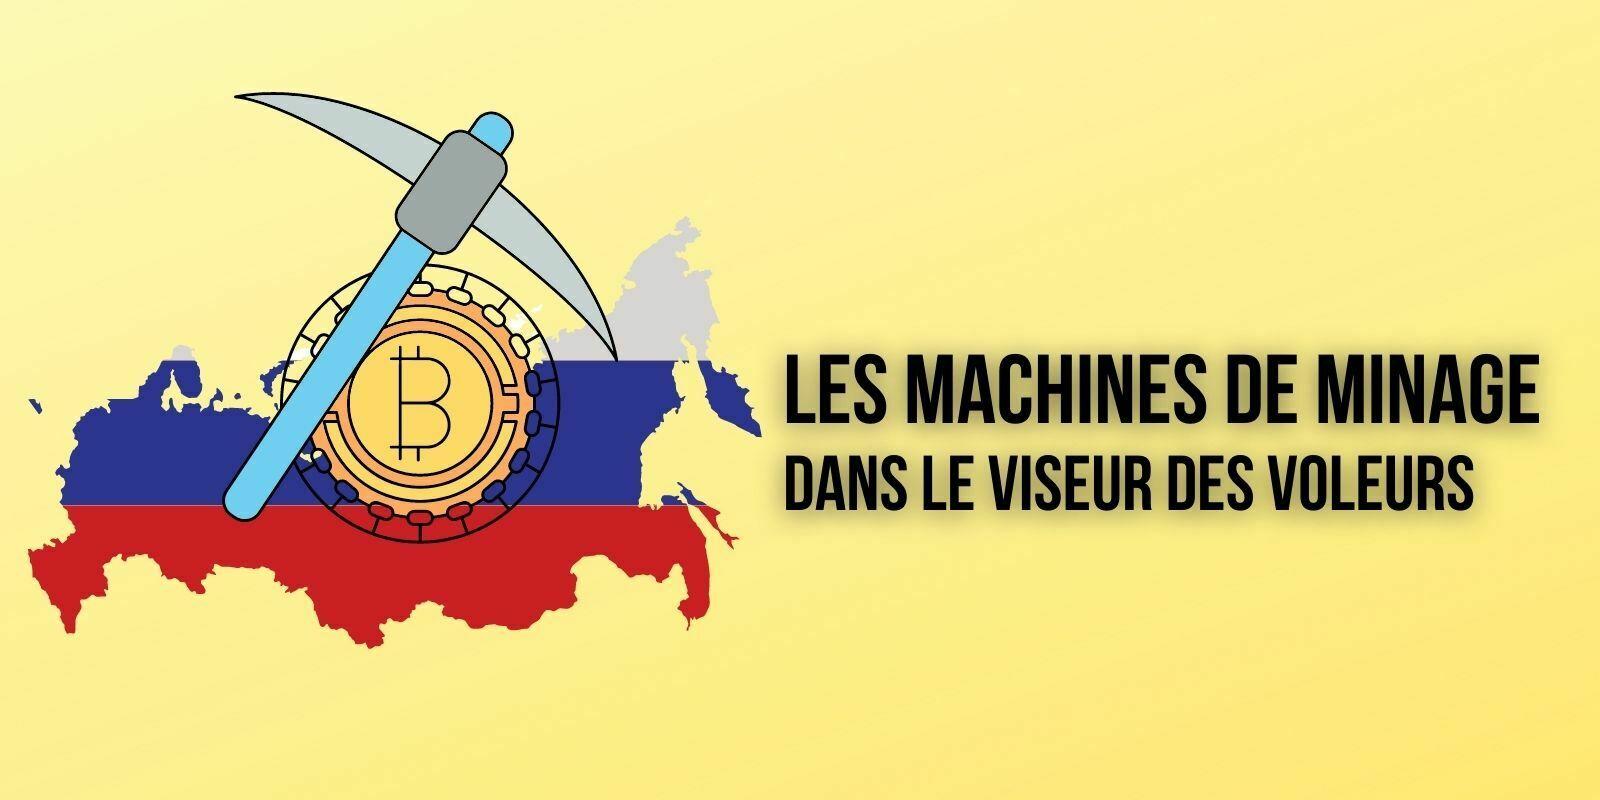 Russie : il vole des machines de minage à un ami et écope de 3 ans de prison